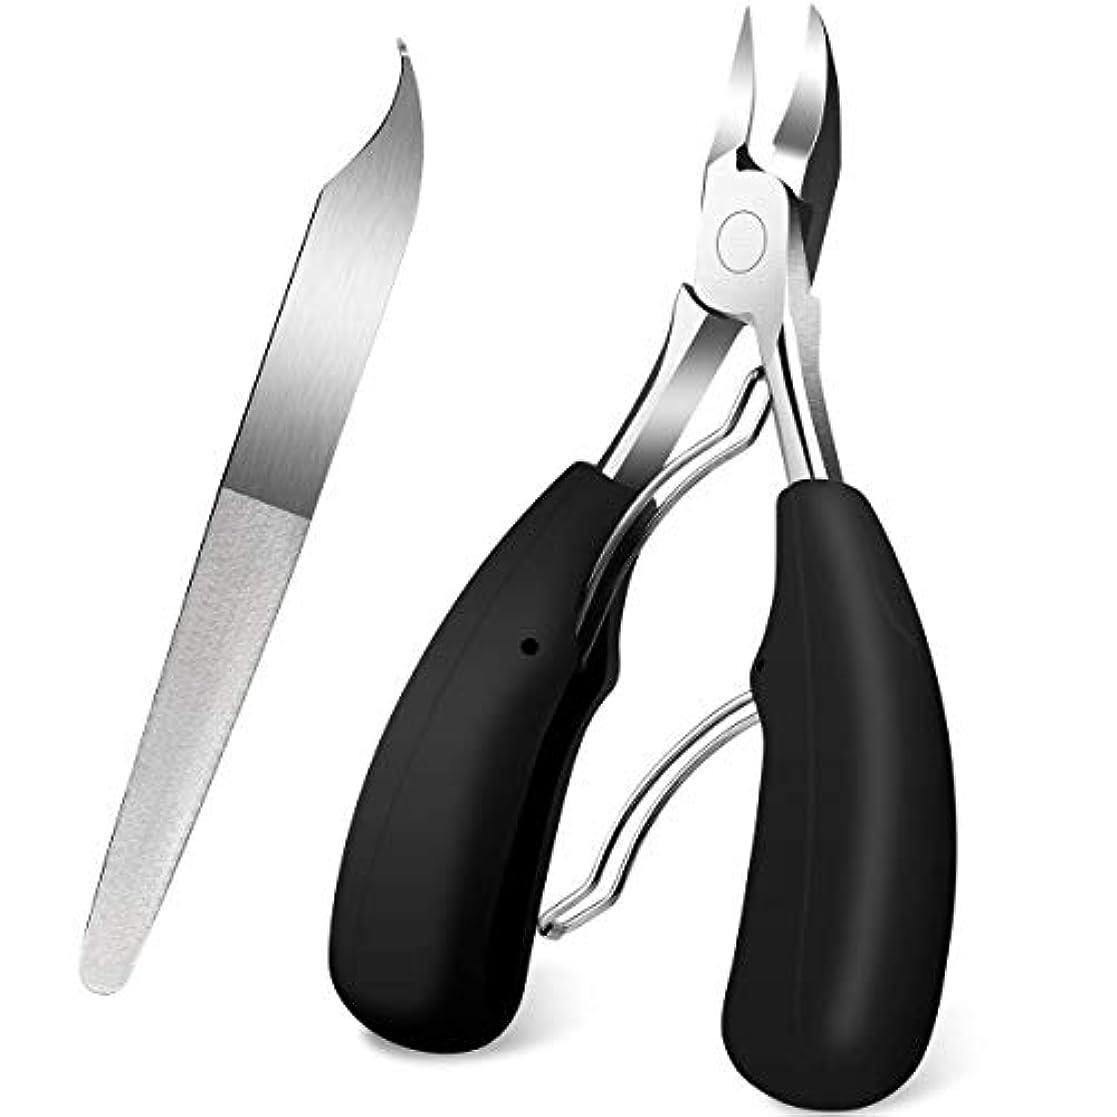 教え左涙が出る爪切り ニッパー 巻き爪 変形爪 硬い爪 ネイルケア 3way仕様爪やすり 手足兼用 つめきり (2点セット) …